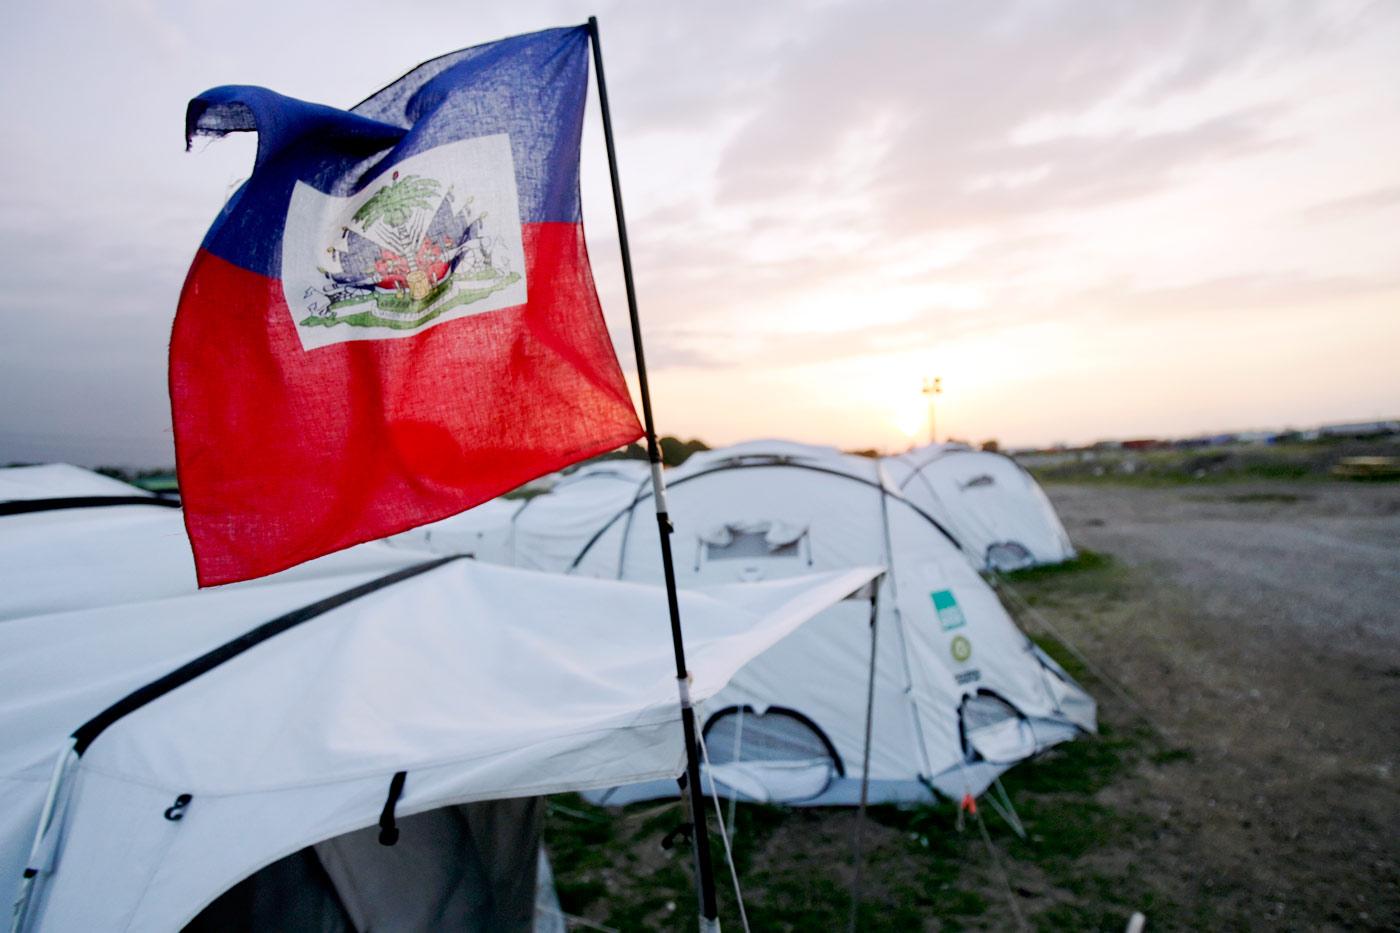 Haiti Earthquake Sun-Times 19.jpg